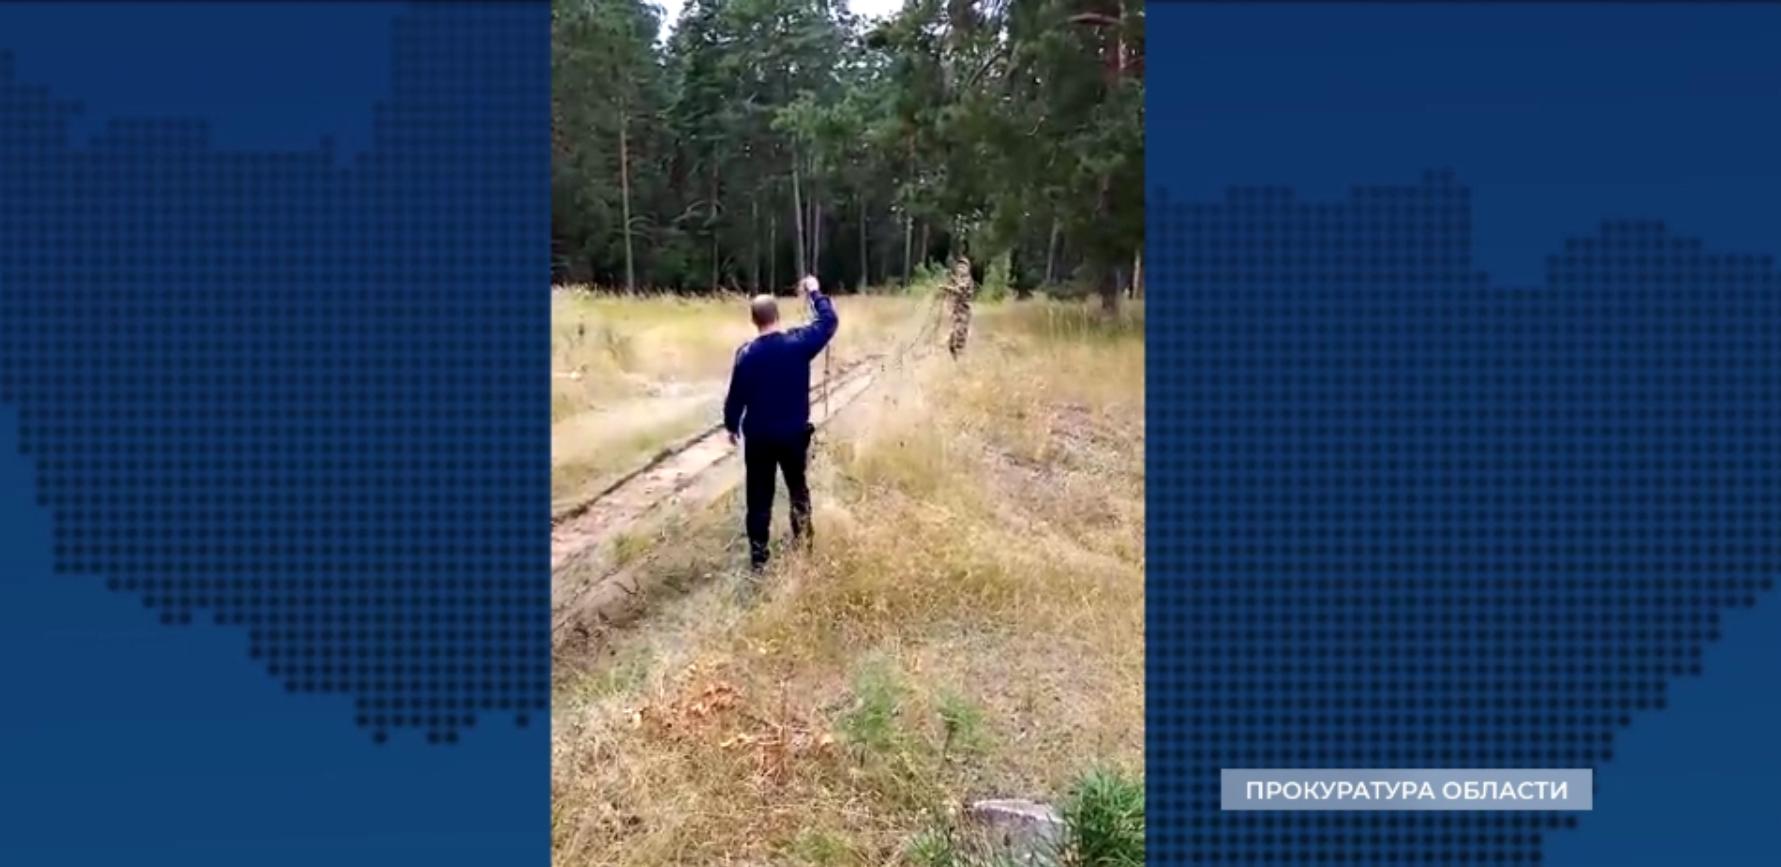 В природном заказнике Вязниковского района обнаружили браконьерские орудия лова рыбы